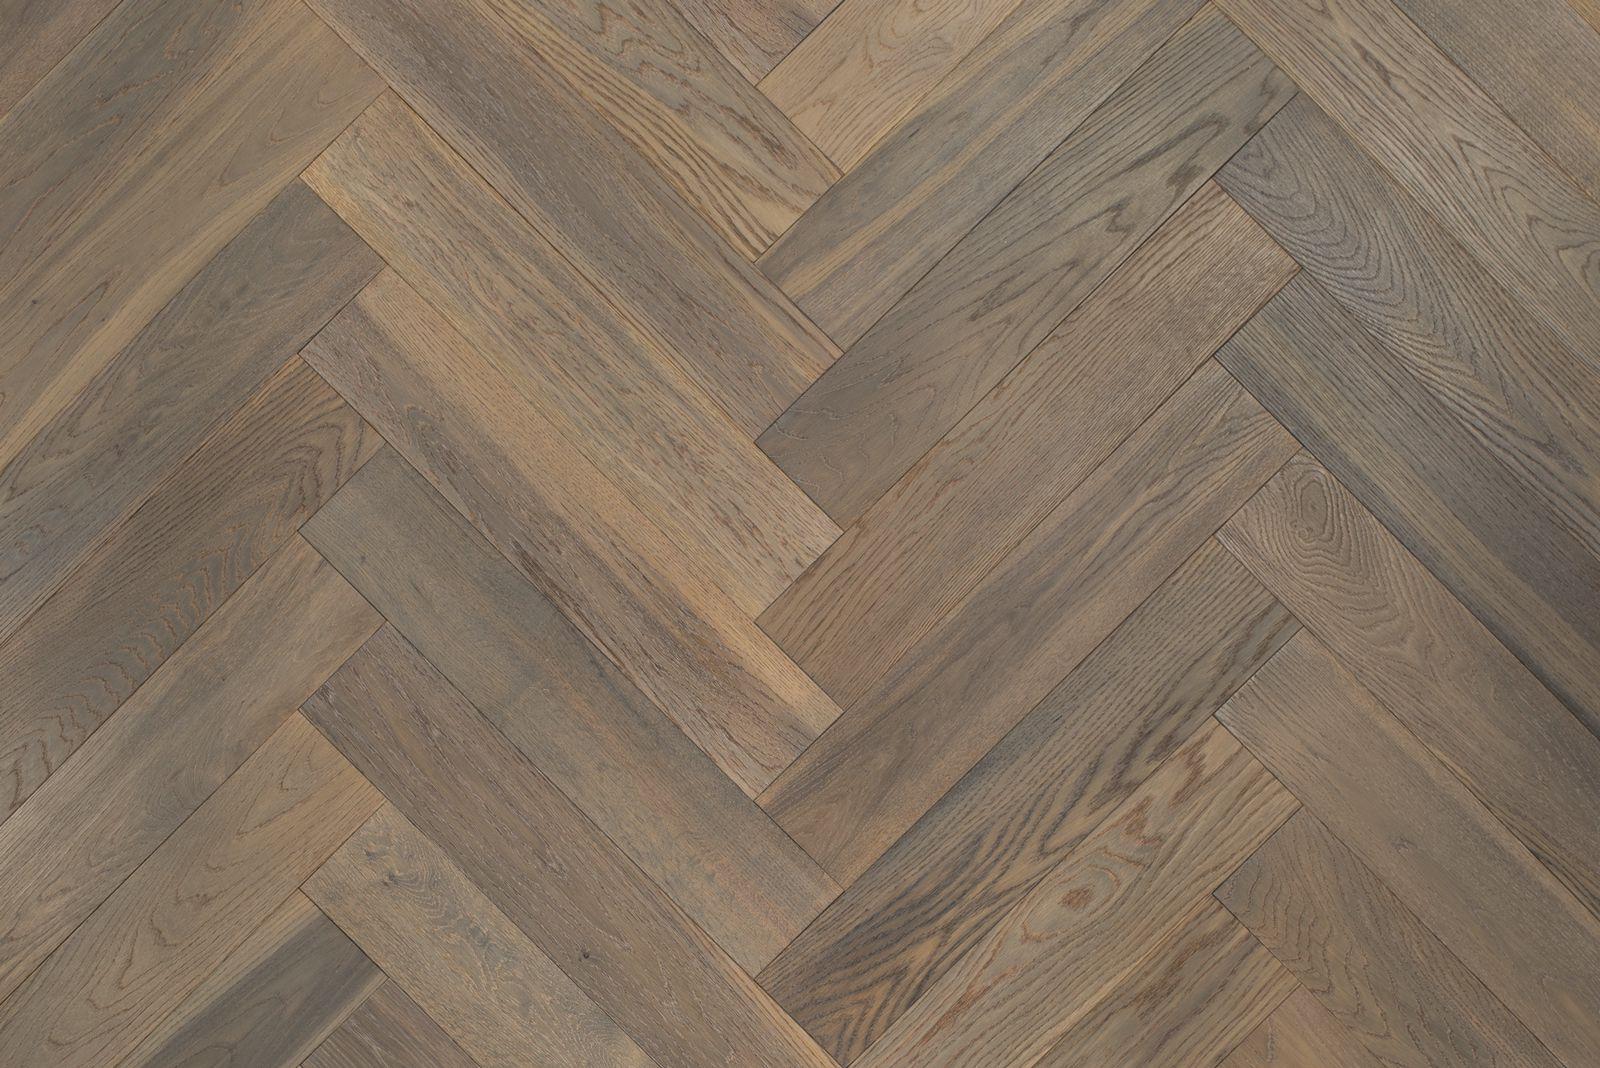 Visgraat Vloer Grijs : Eiken visgraat duoplank parket vloer grijs geolied 60 x 12